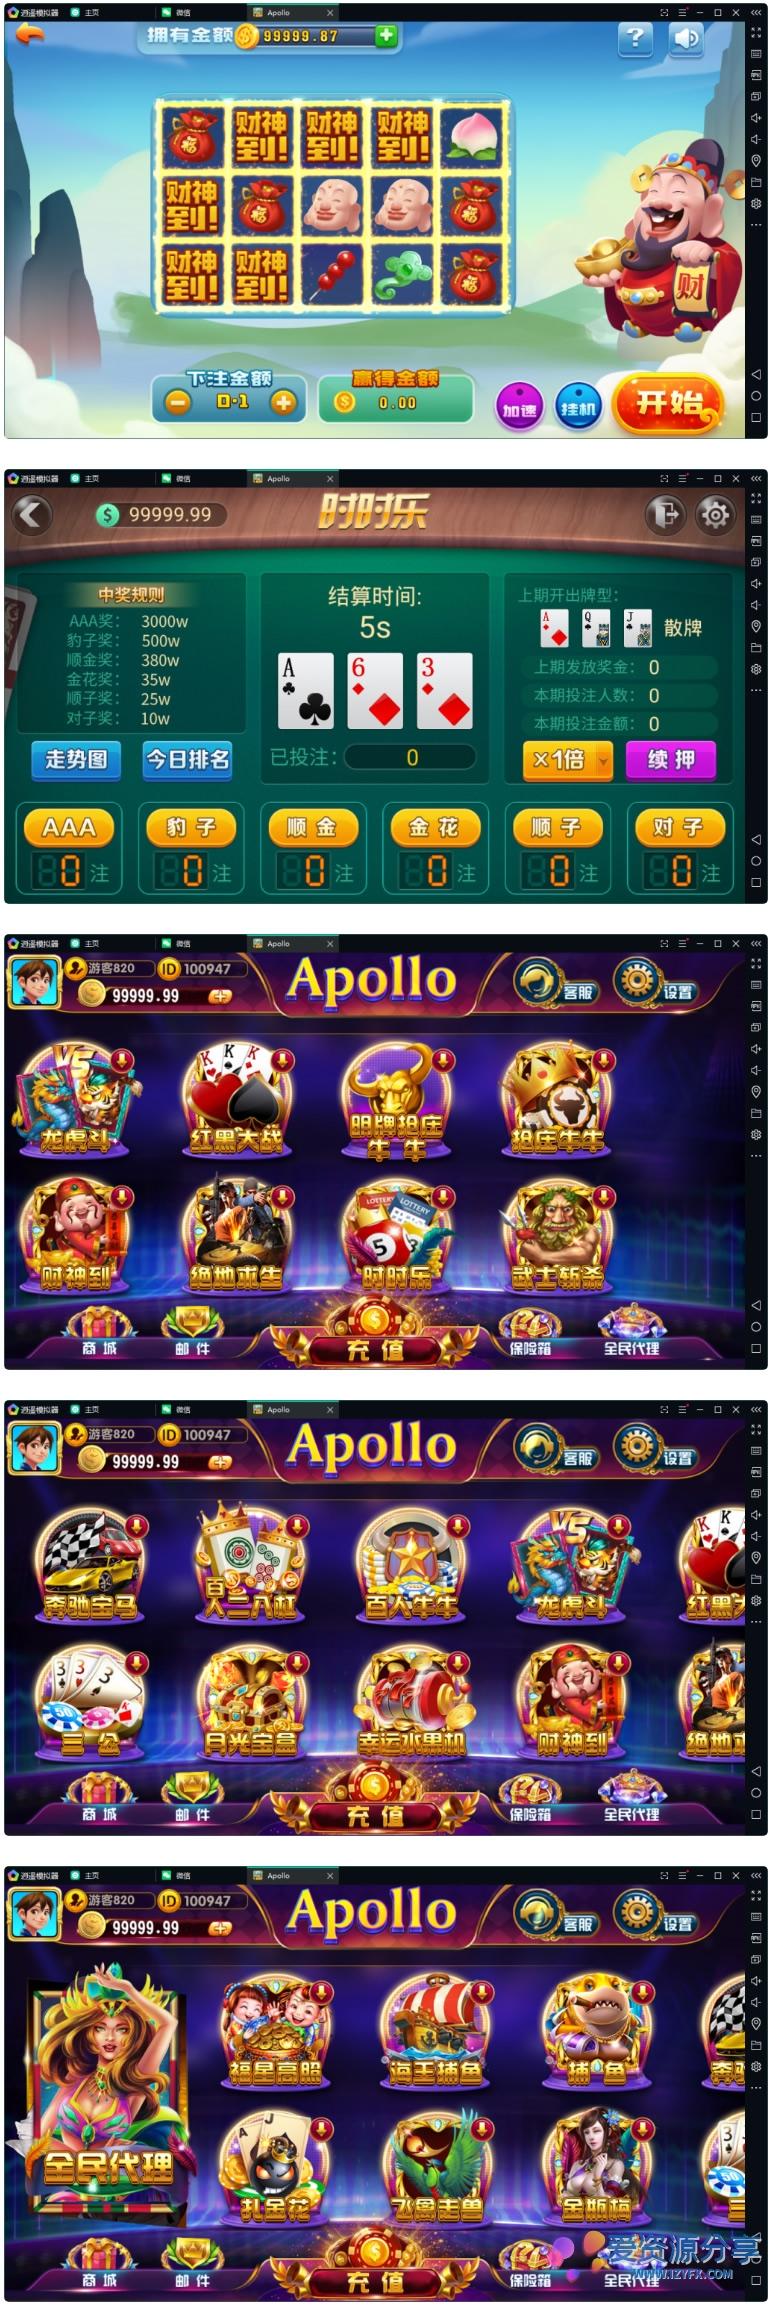 2020新版创游系列阿波罗apollo双语言完整组件+完整数据双端游戏源码-爱资源分享